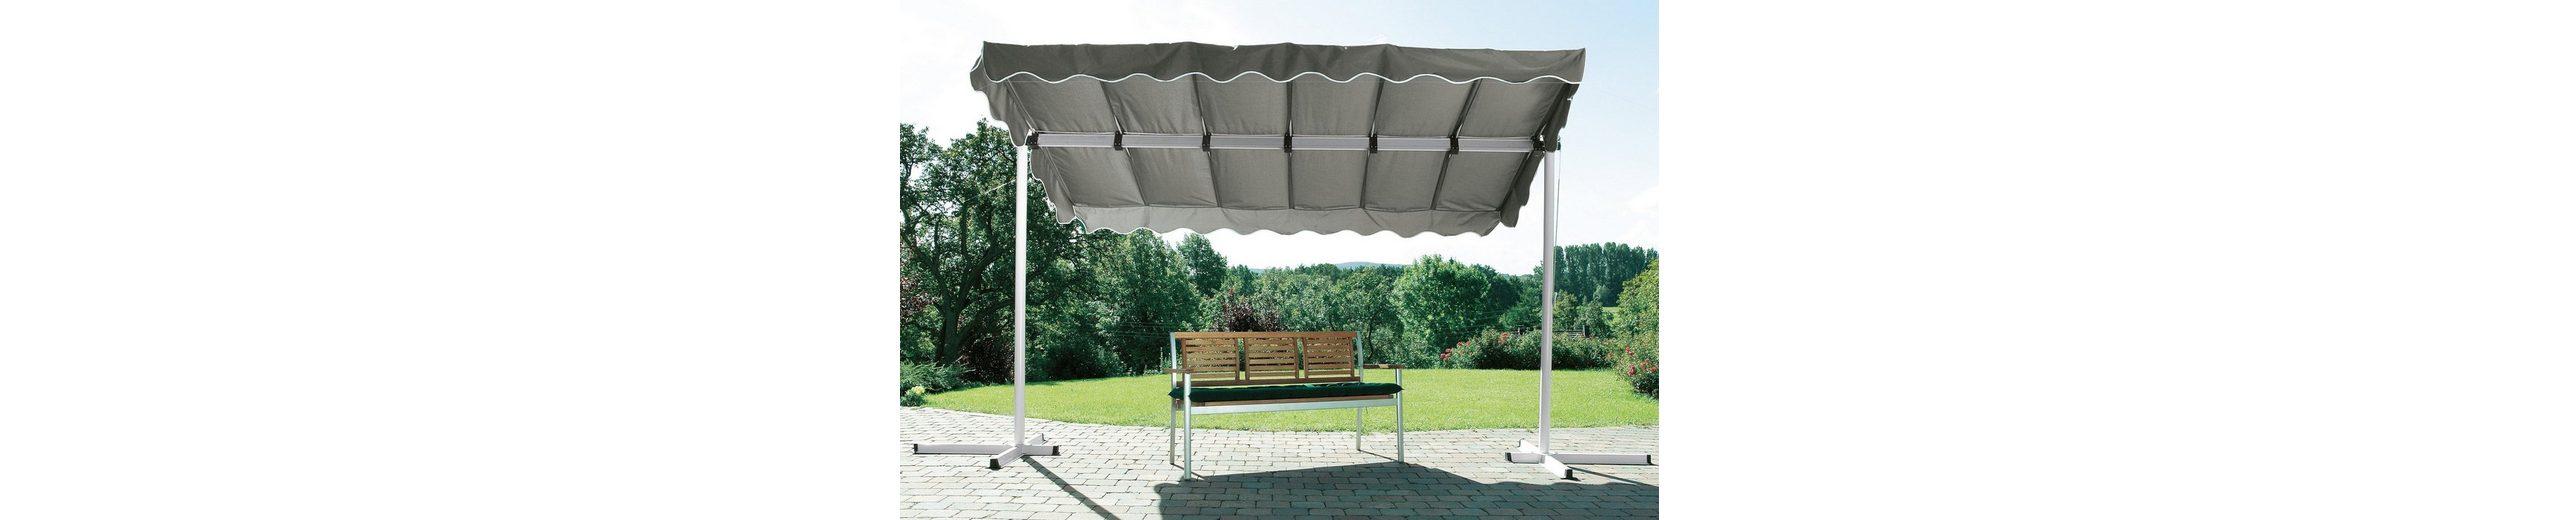 Terrassendach/ Standmarkise »Dubai, grau« 375x250cm